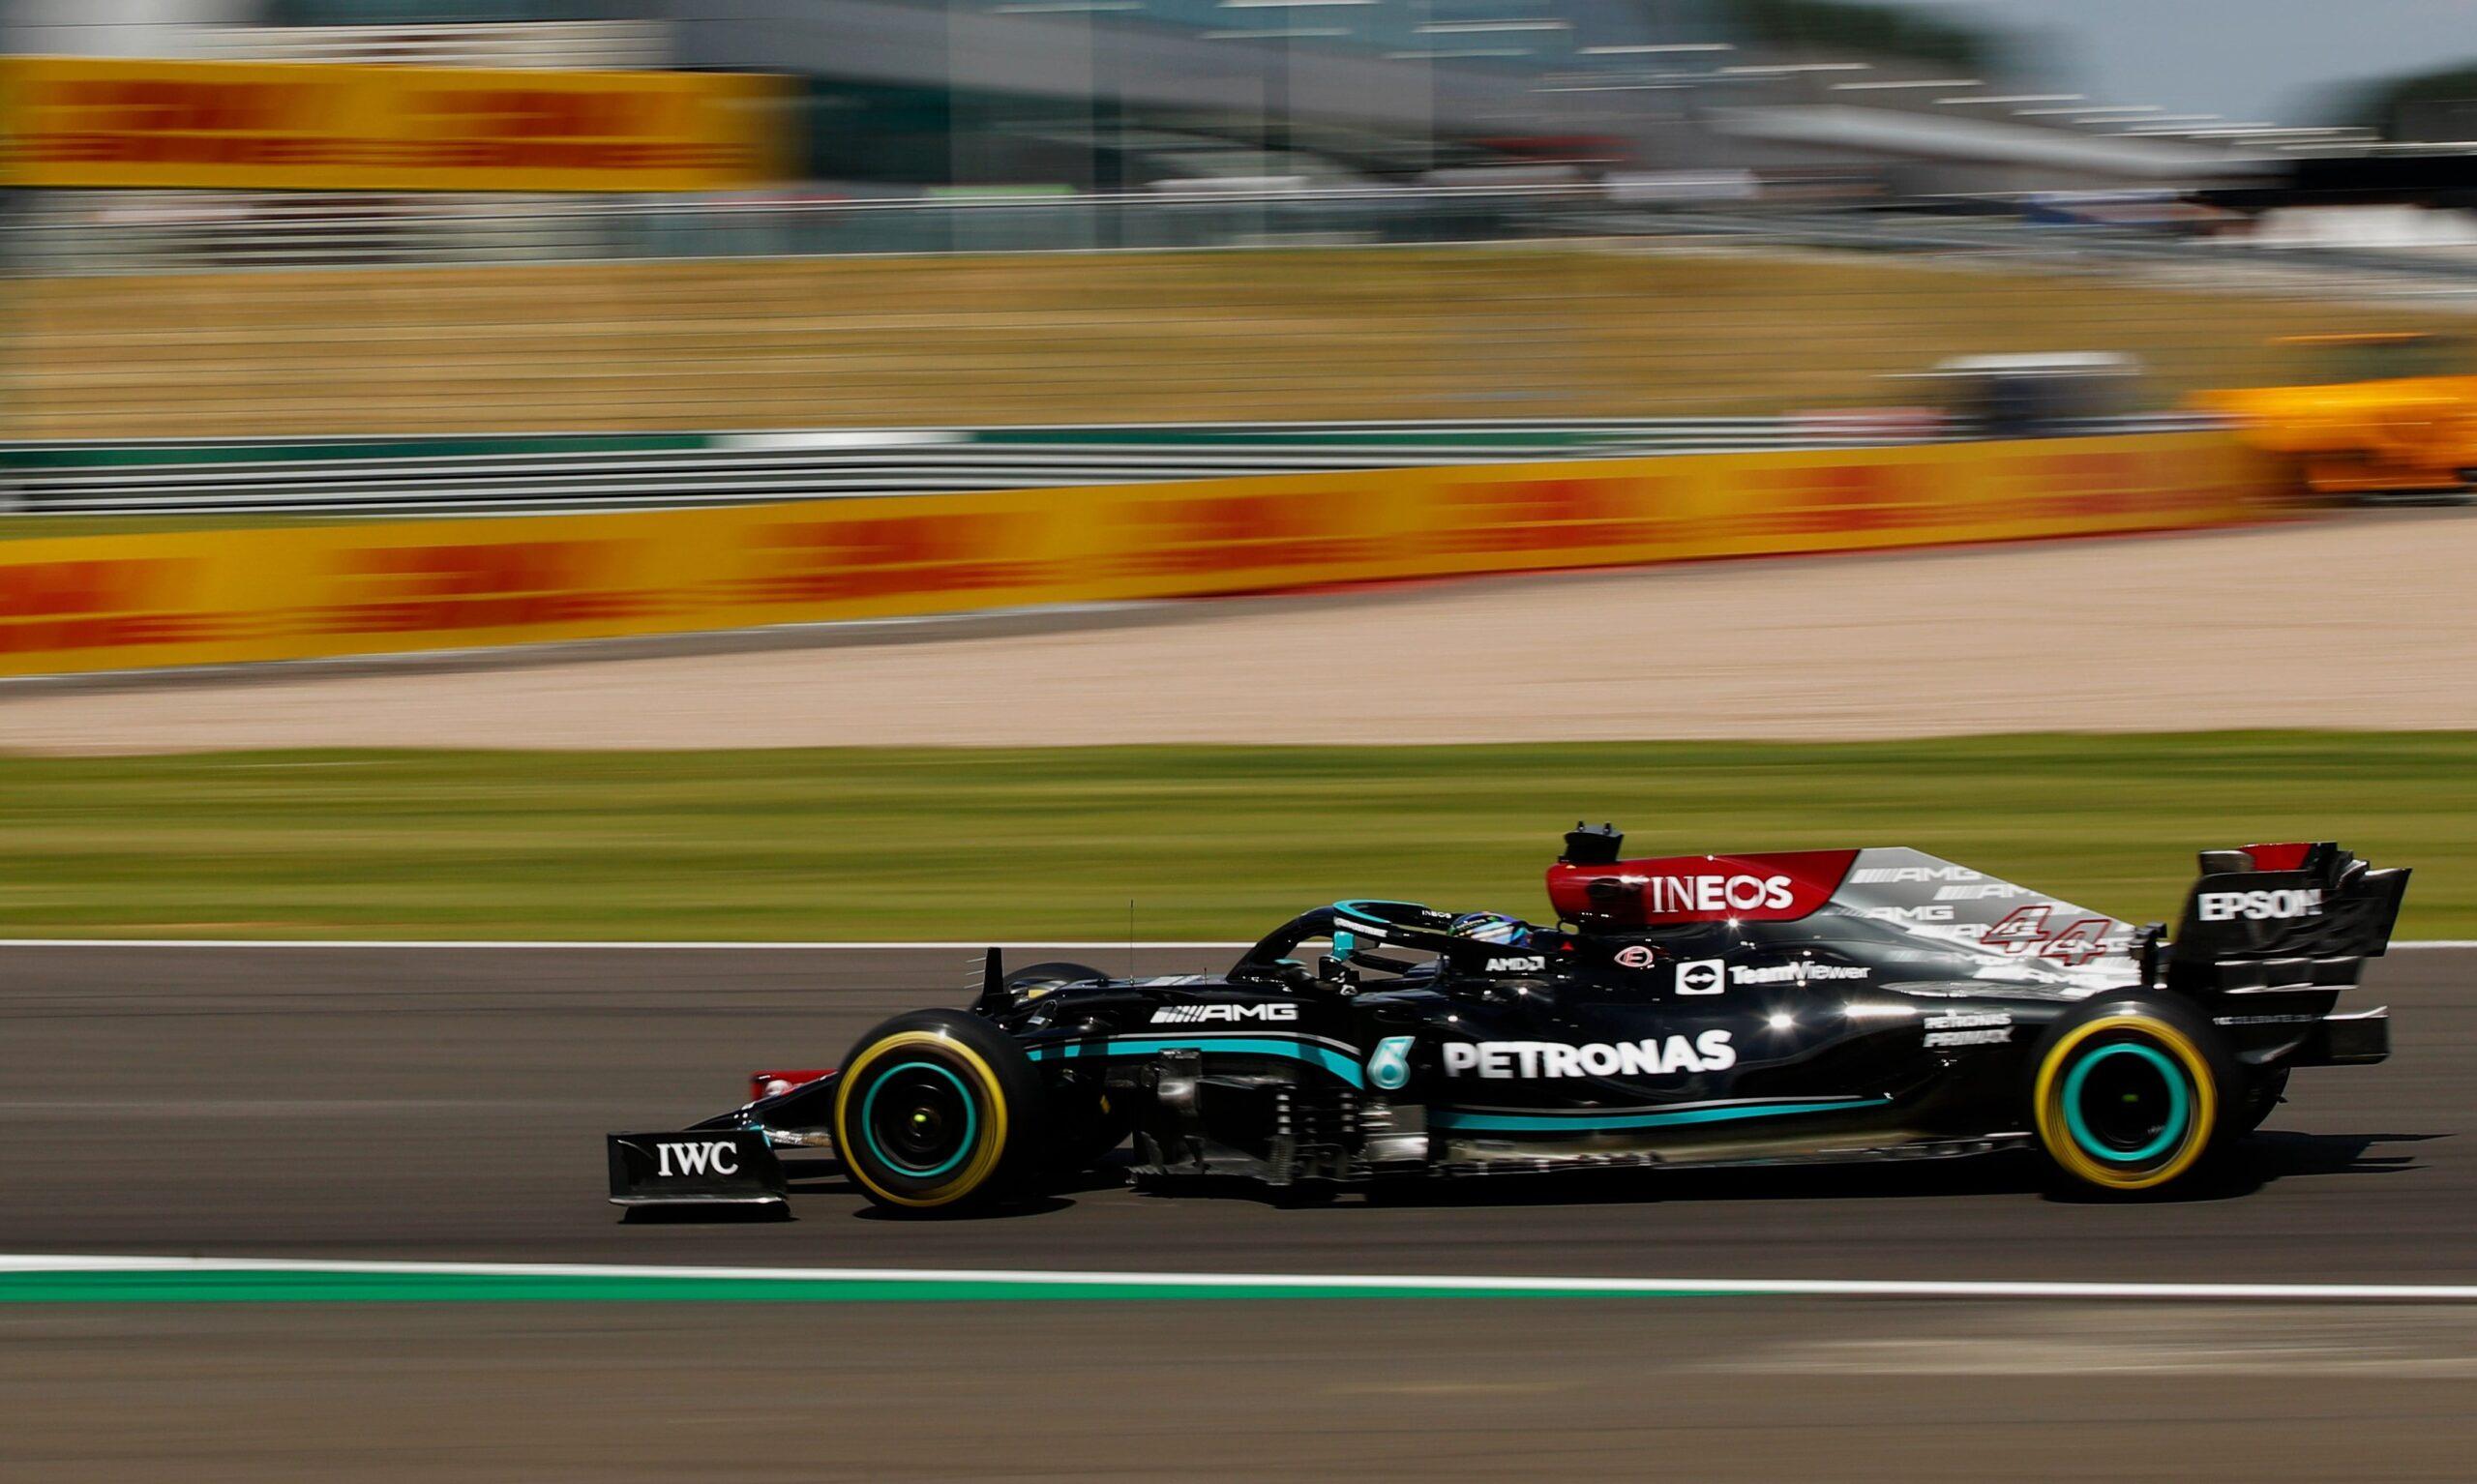 Qualifica Gp Silverstone: Lewis Hamilton sorprende, Ferrari 4° e 9°.